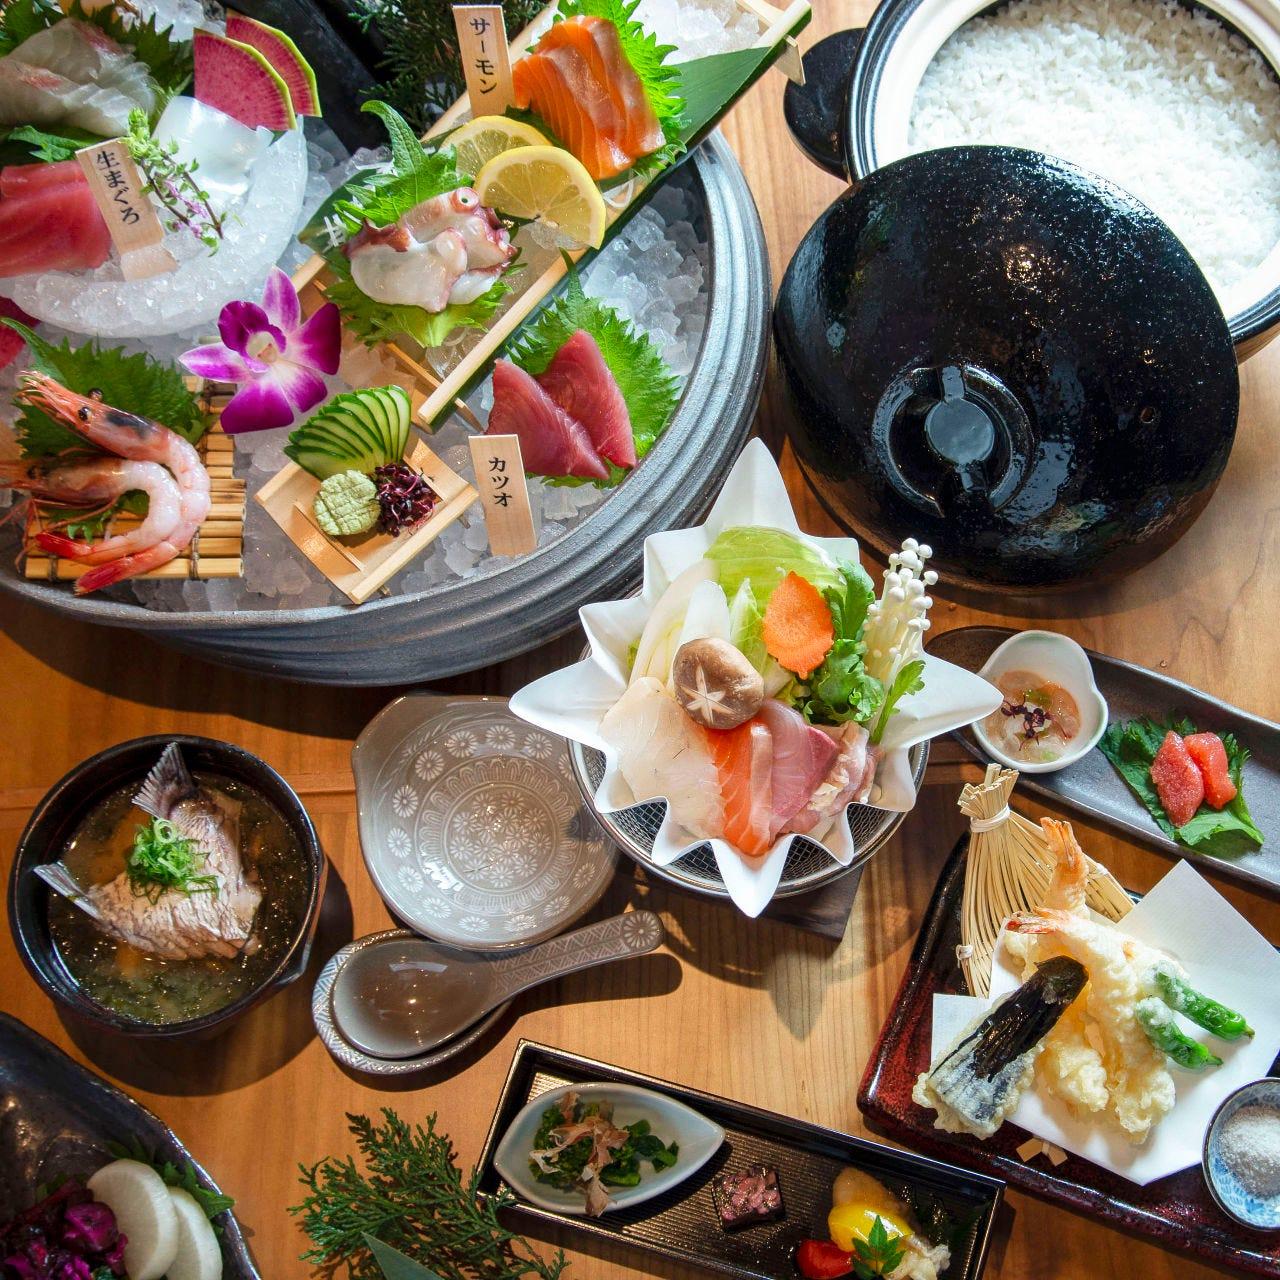 リーズナブルに旬の新鮮魚介満喫!季節の旨い魚と銀シャリ土鍋めしを味わう『おまかせお手軽コース』全7品